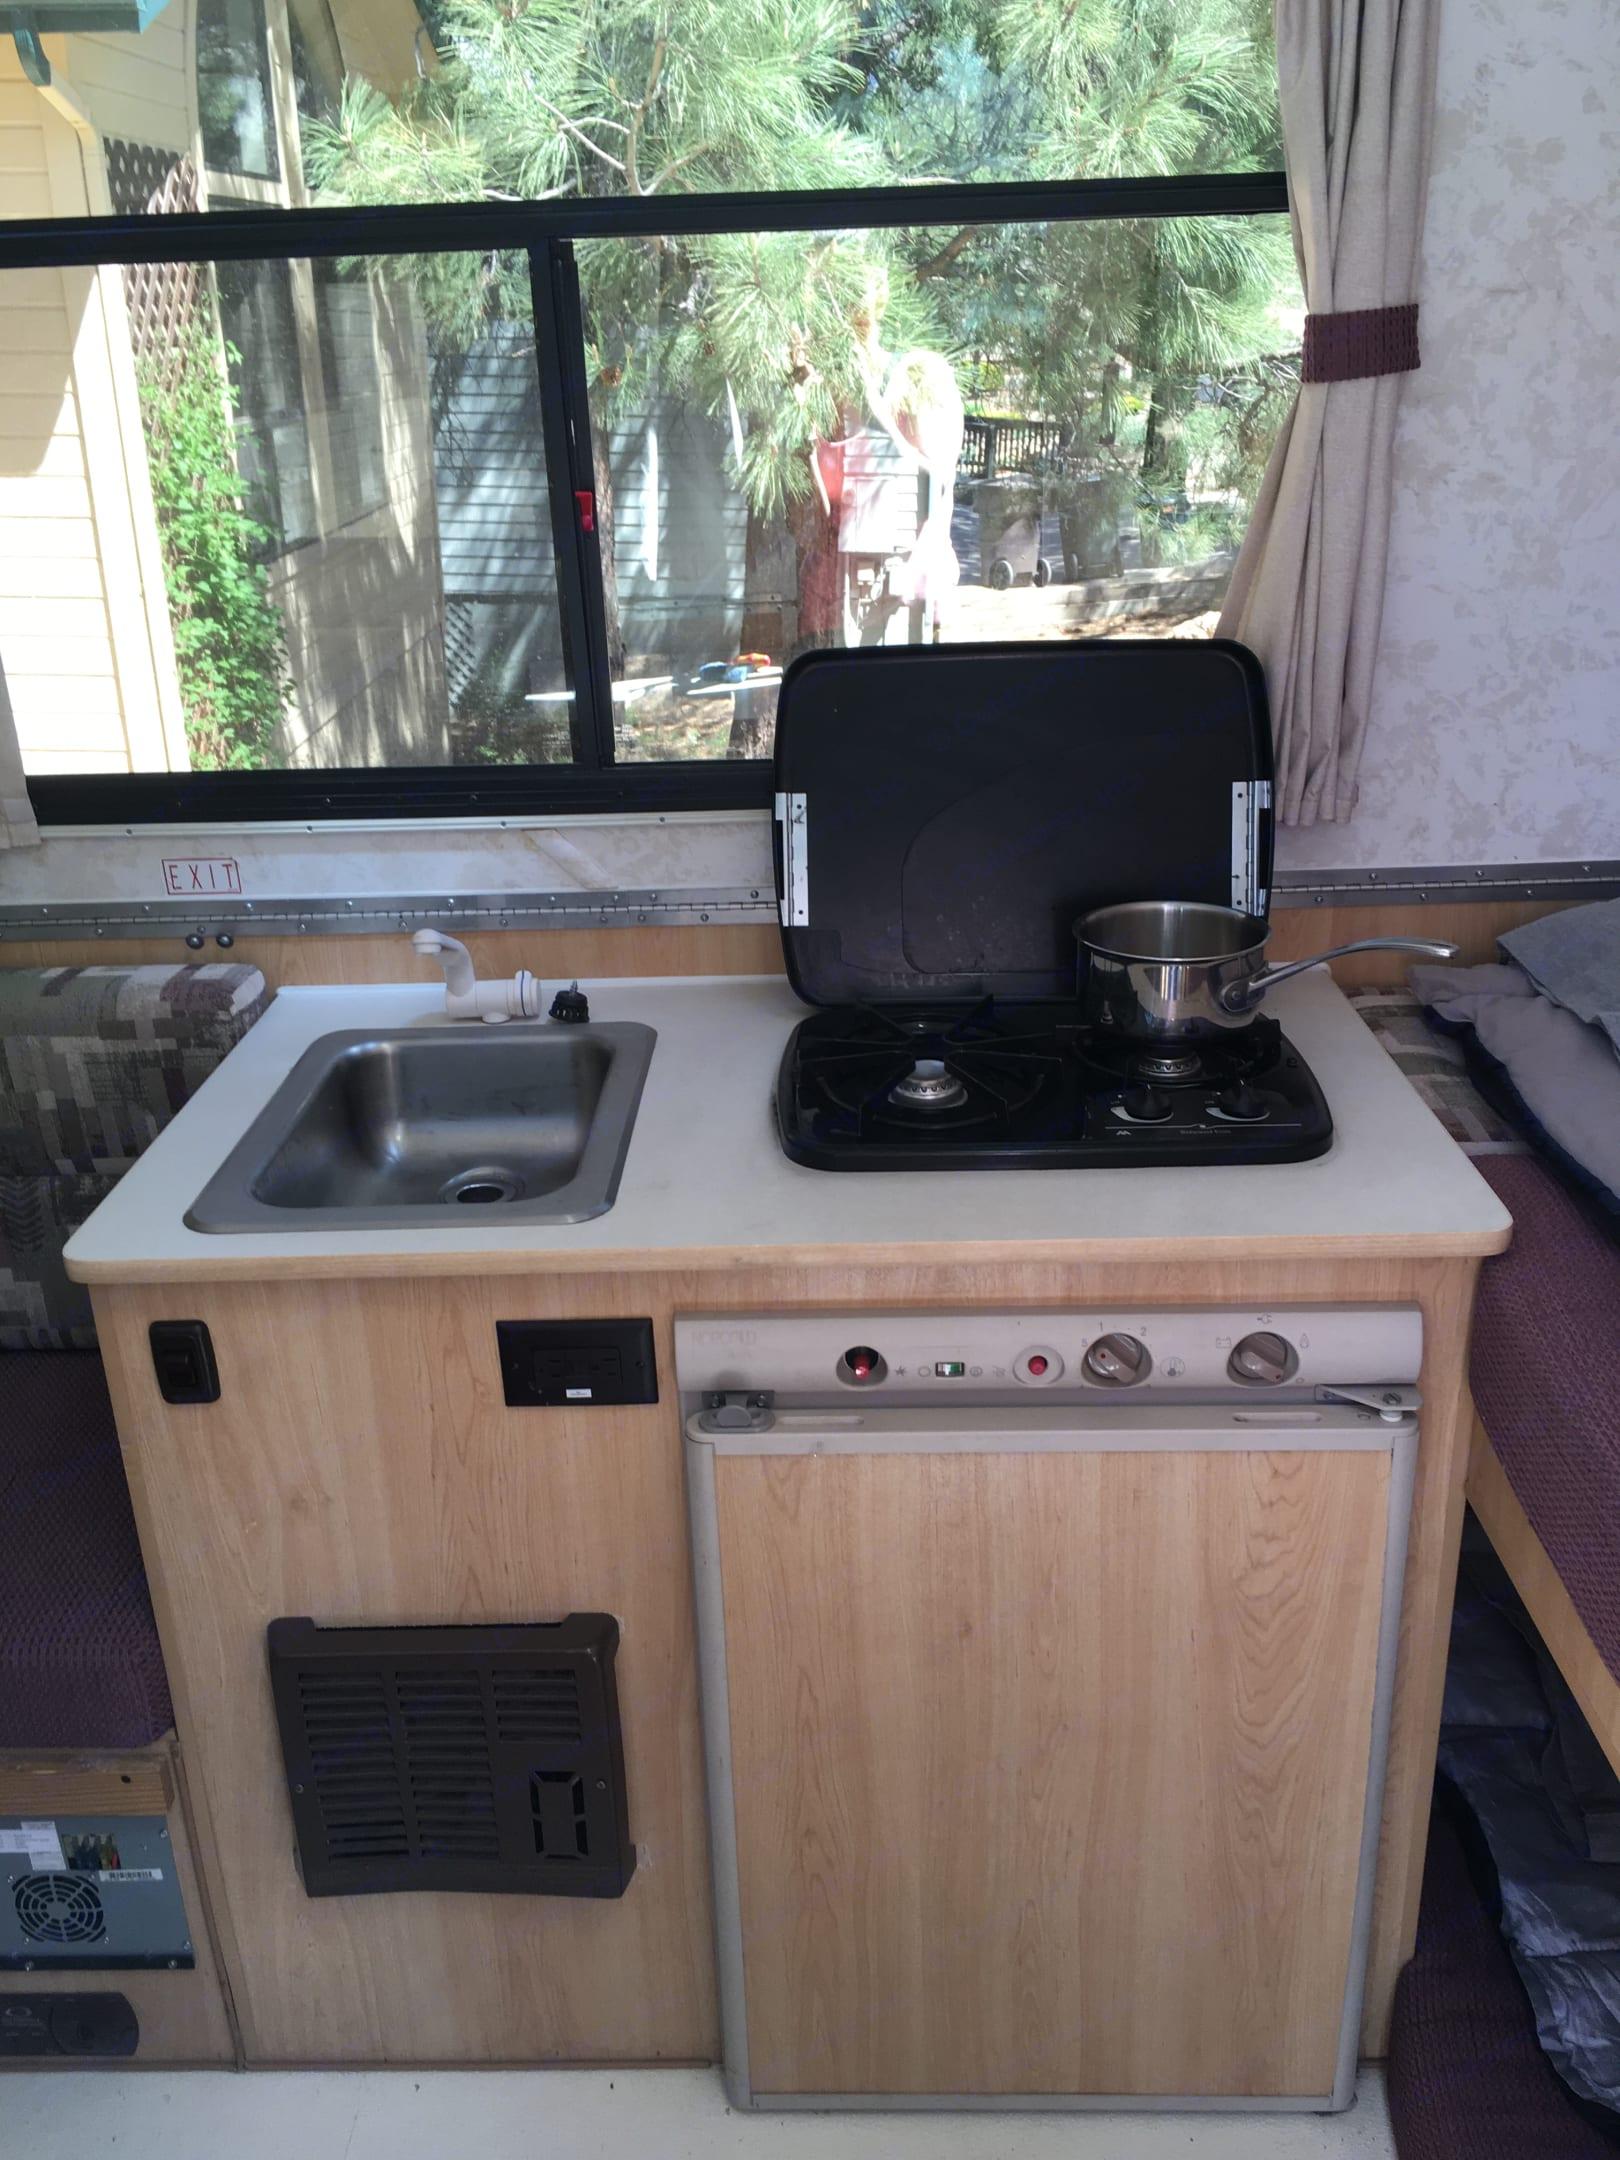 Kitchen. ChaletRv A-Frame 2005